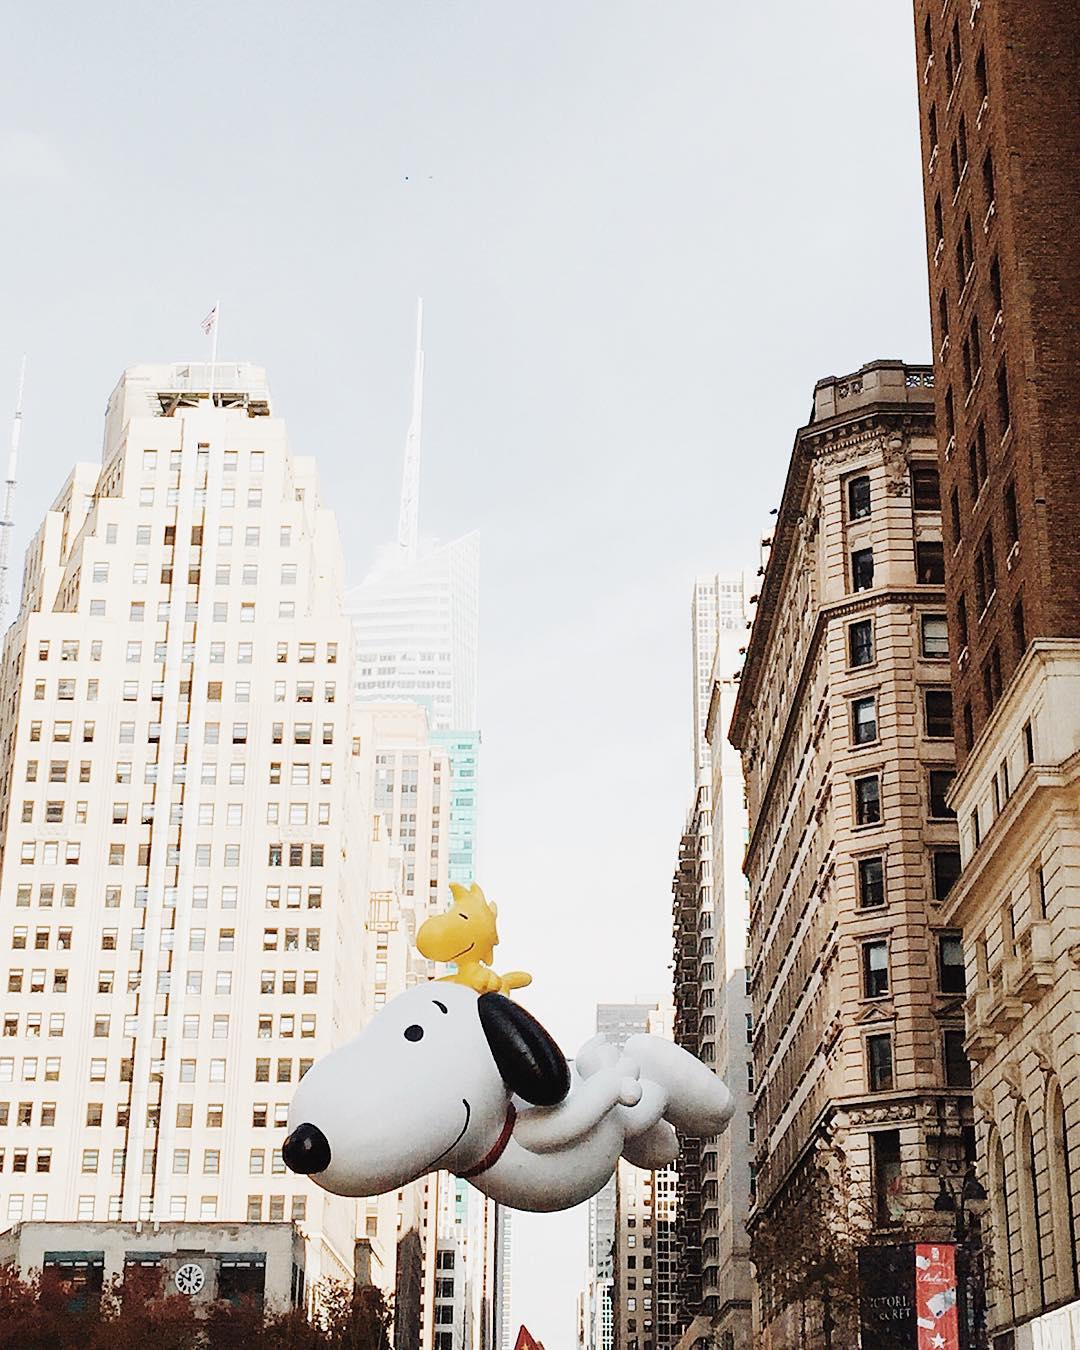 Et la petite dernire parceque mon chri adorait Snoopy quandhellip